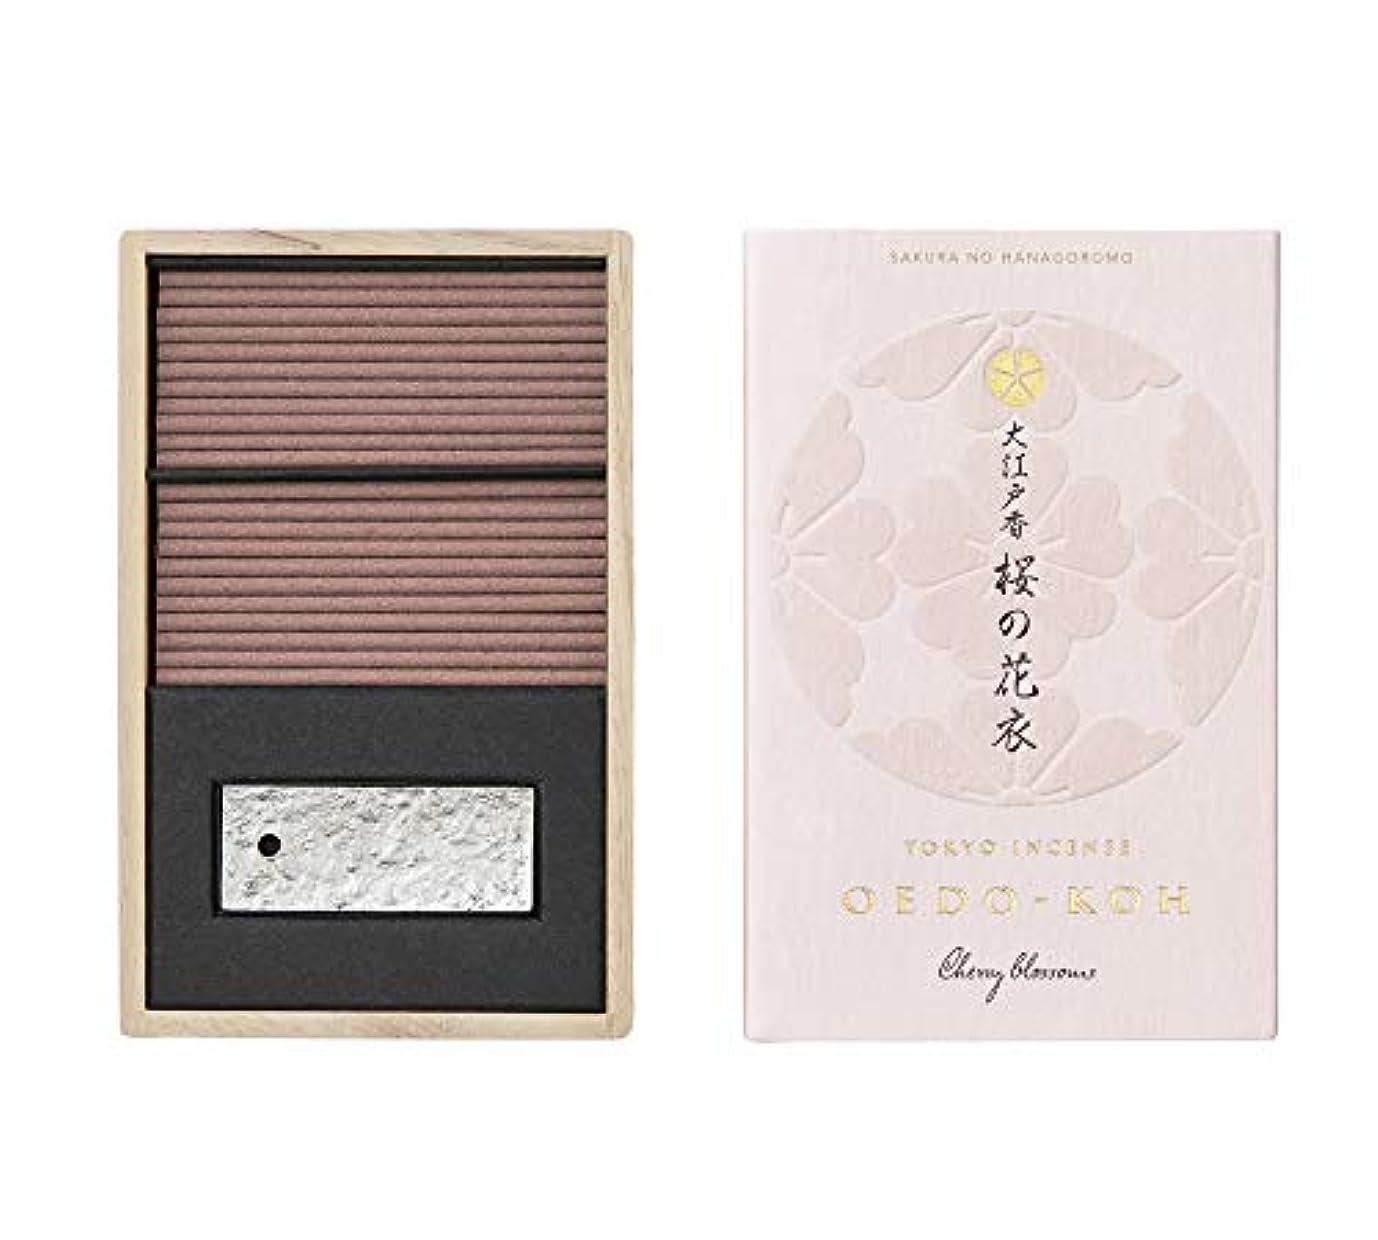 明らかにロースト無限日本香堂 大江戸香 桜の花衣(さくらのはなごろも) スティック60本入 香立付